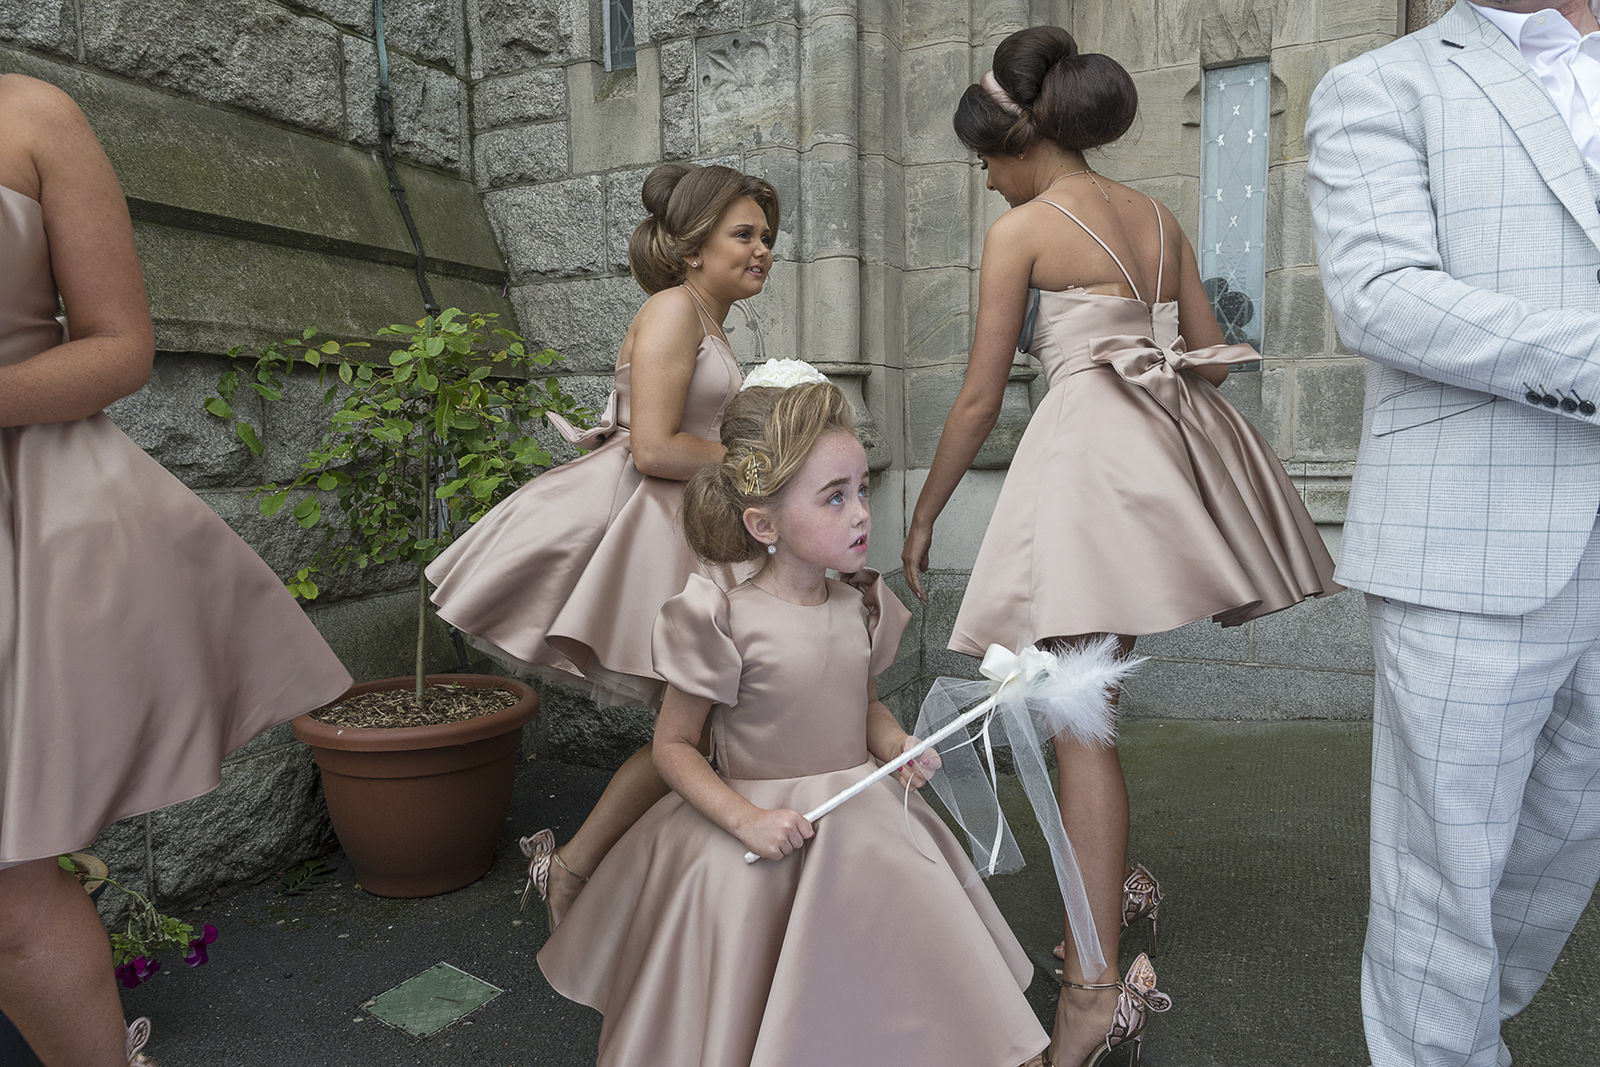 Fairy, Dublin, Ireland 2019